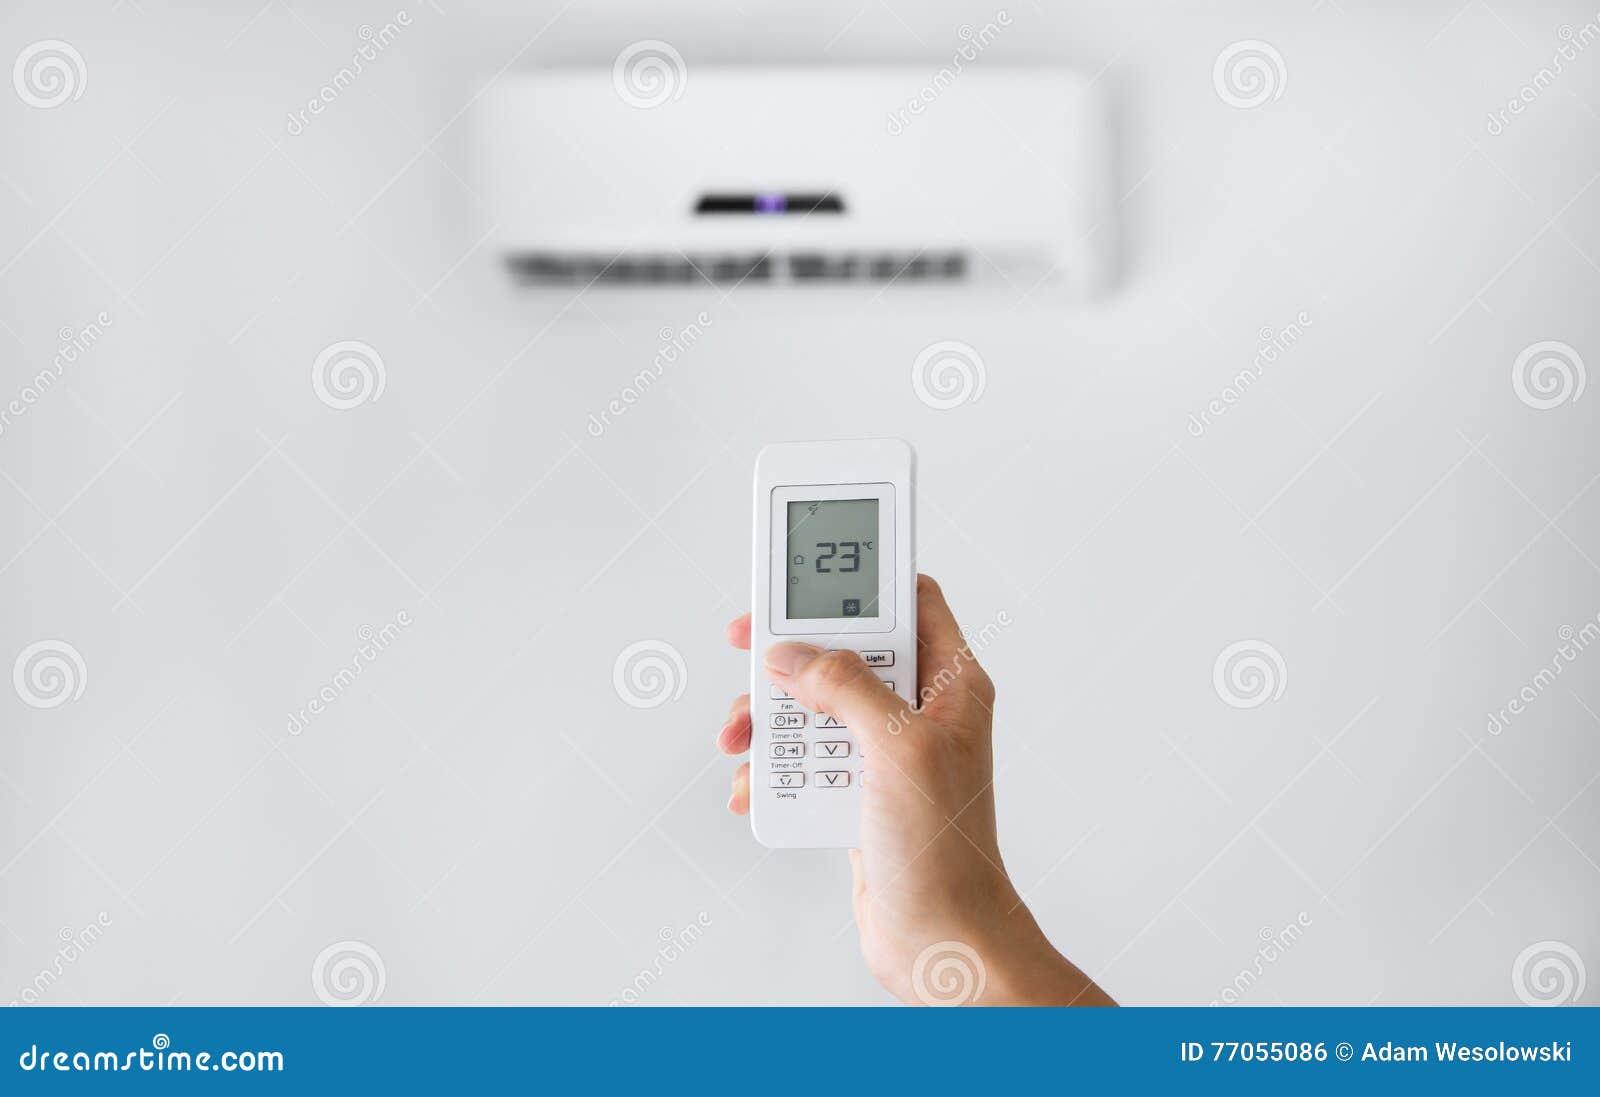 Fernbedienung für Klimaanlage auf einer weißen Wand